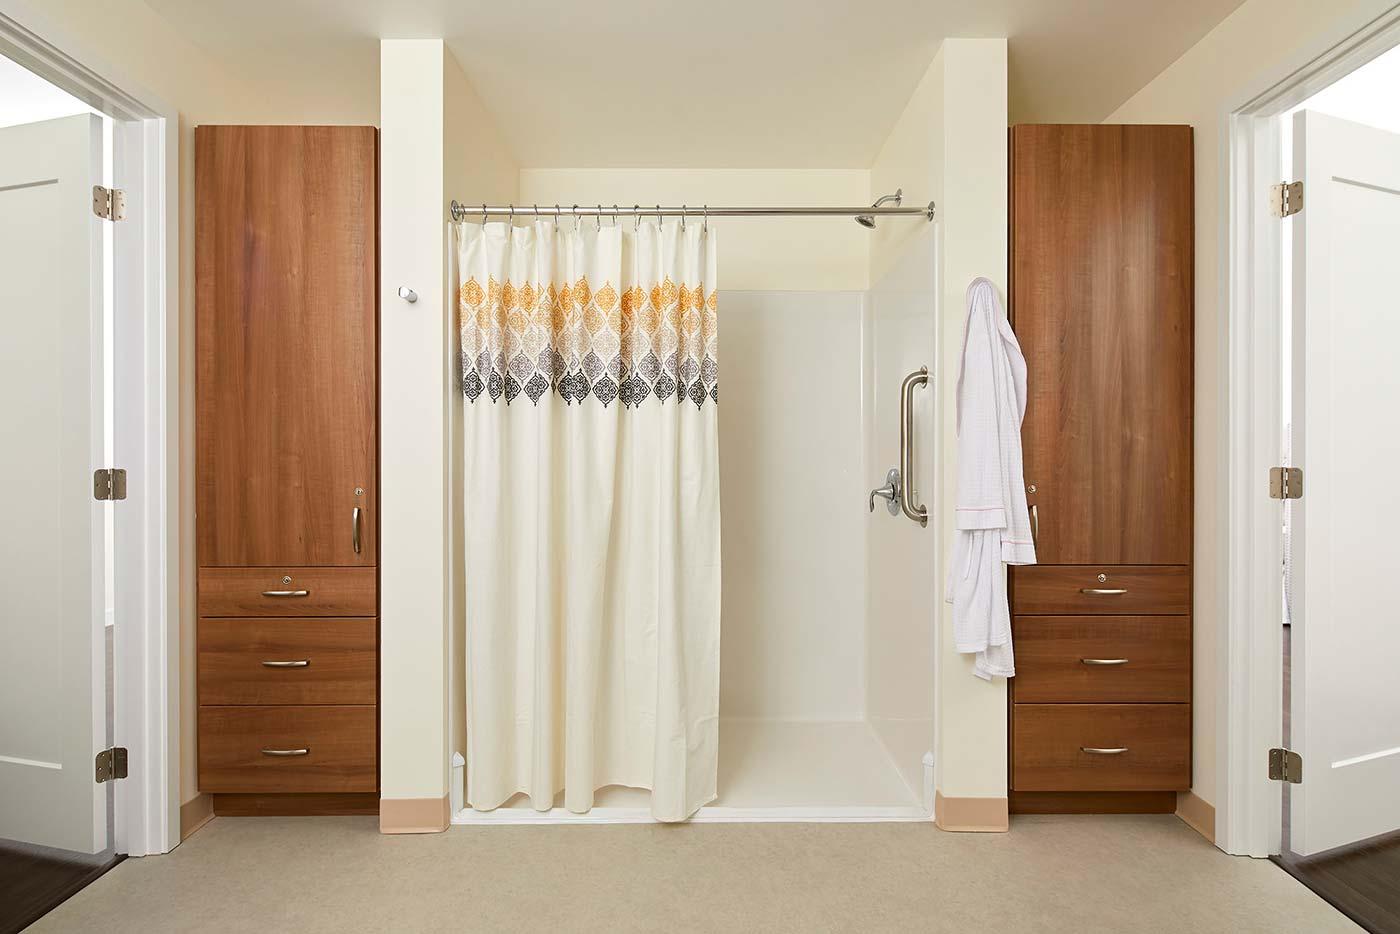 Model Bathroom - Murano Senior Living